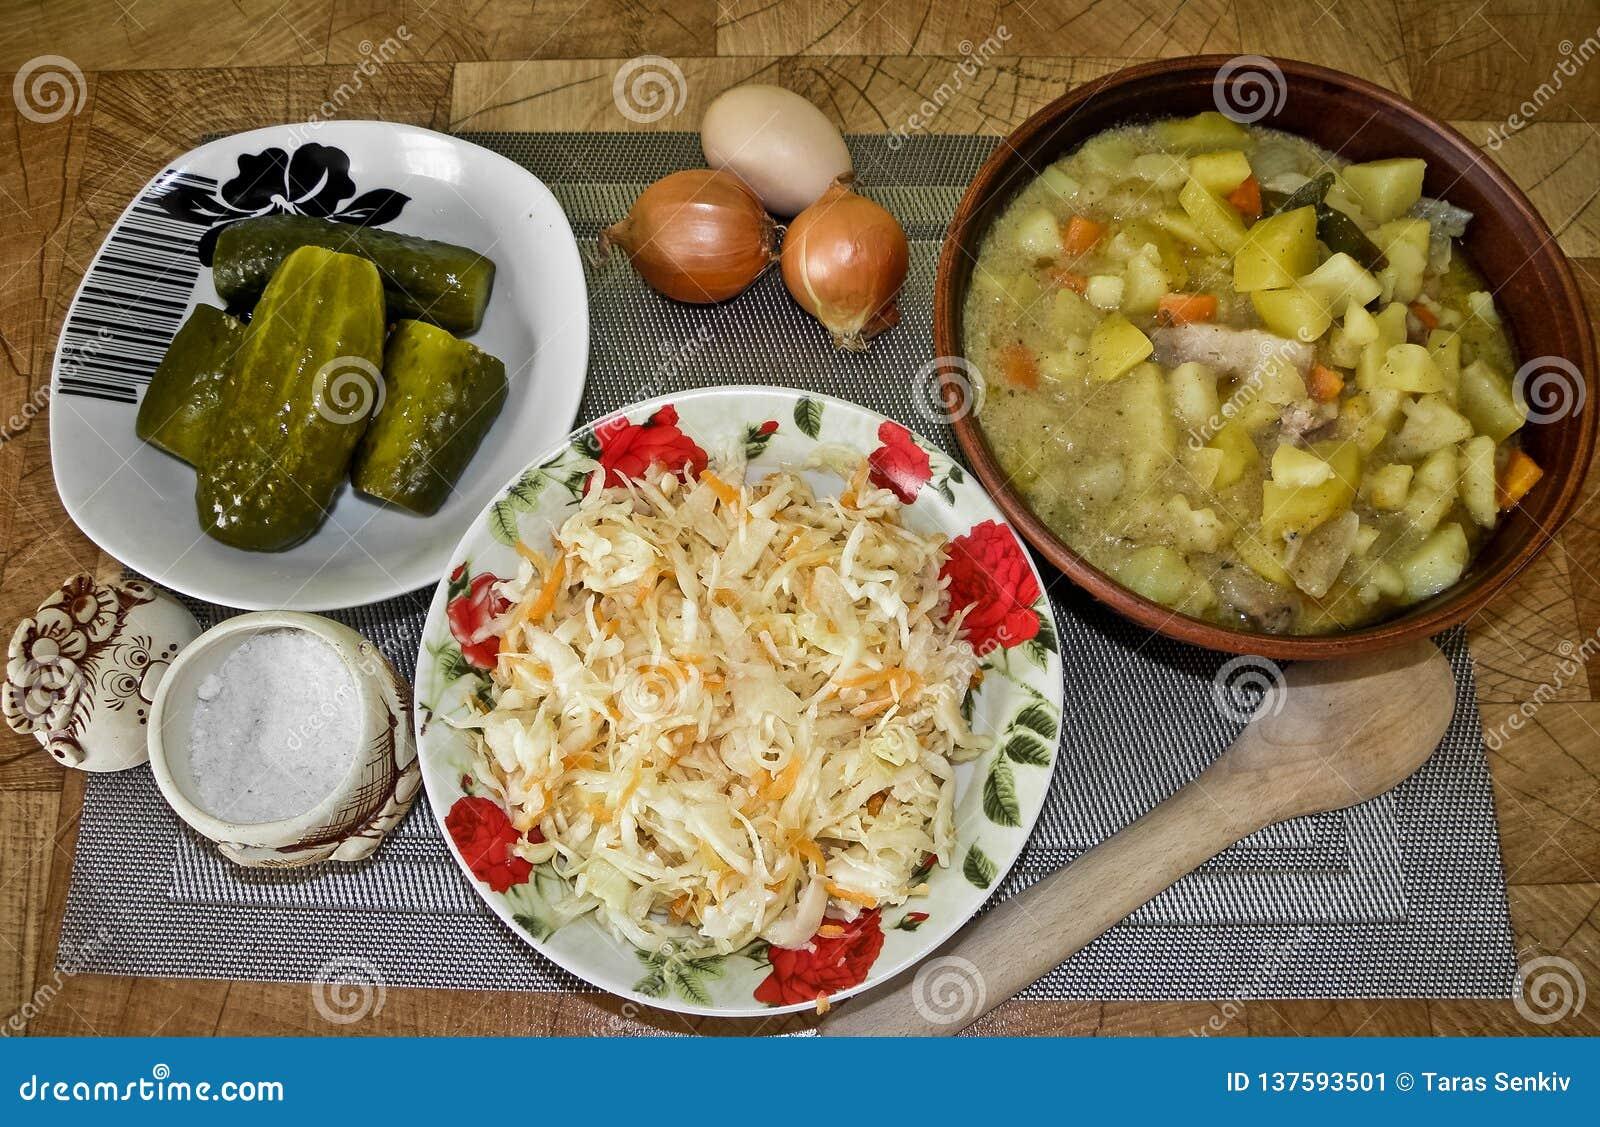 Gesunde geschmackvolle Nahrung, gedämpfte Kartoffeln vom Ofen und ein Imbiss